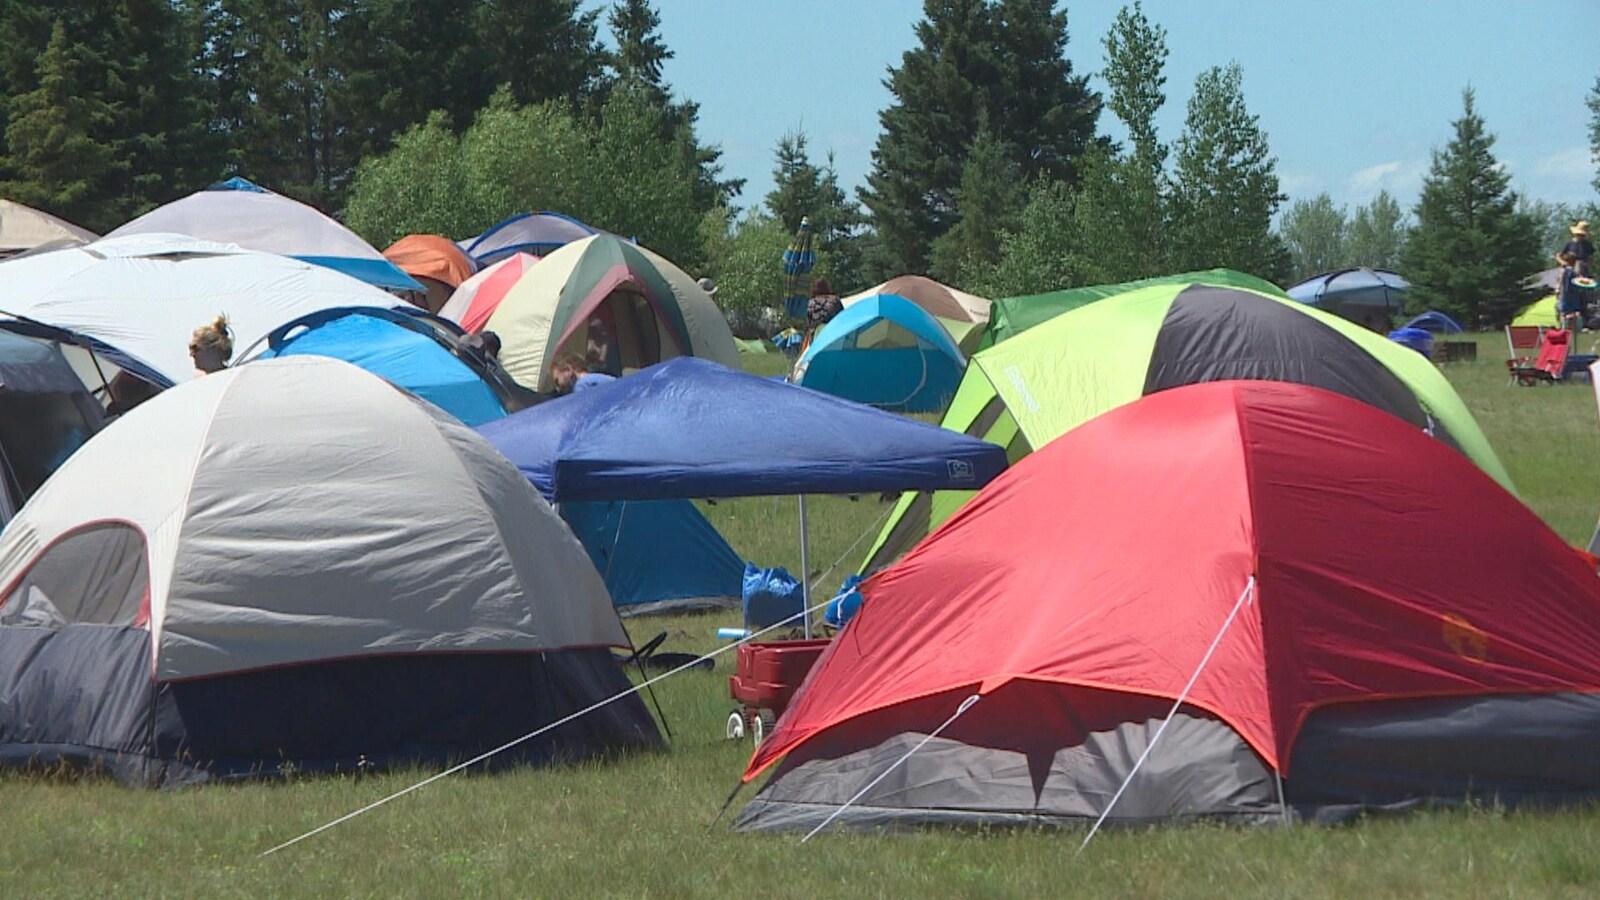 Une quinzaine de tentes très proches les unes des autres, dans un champ.